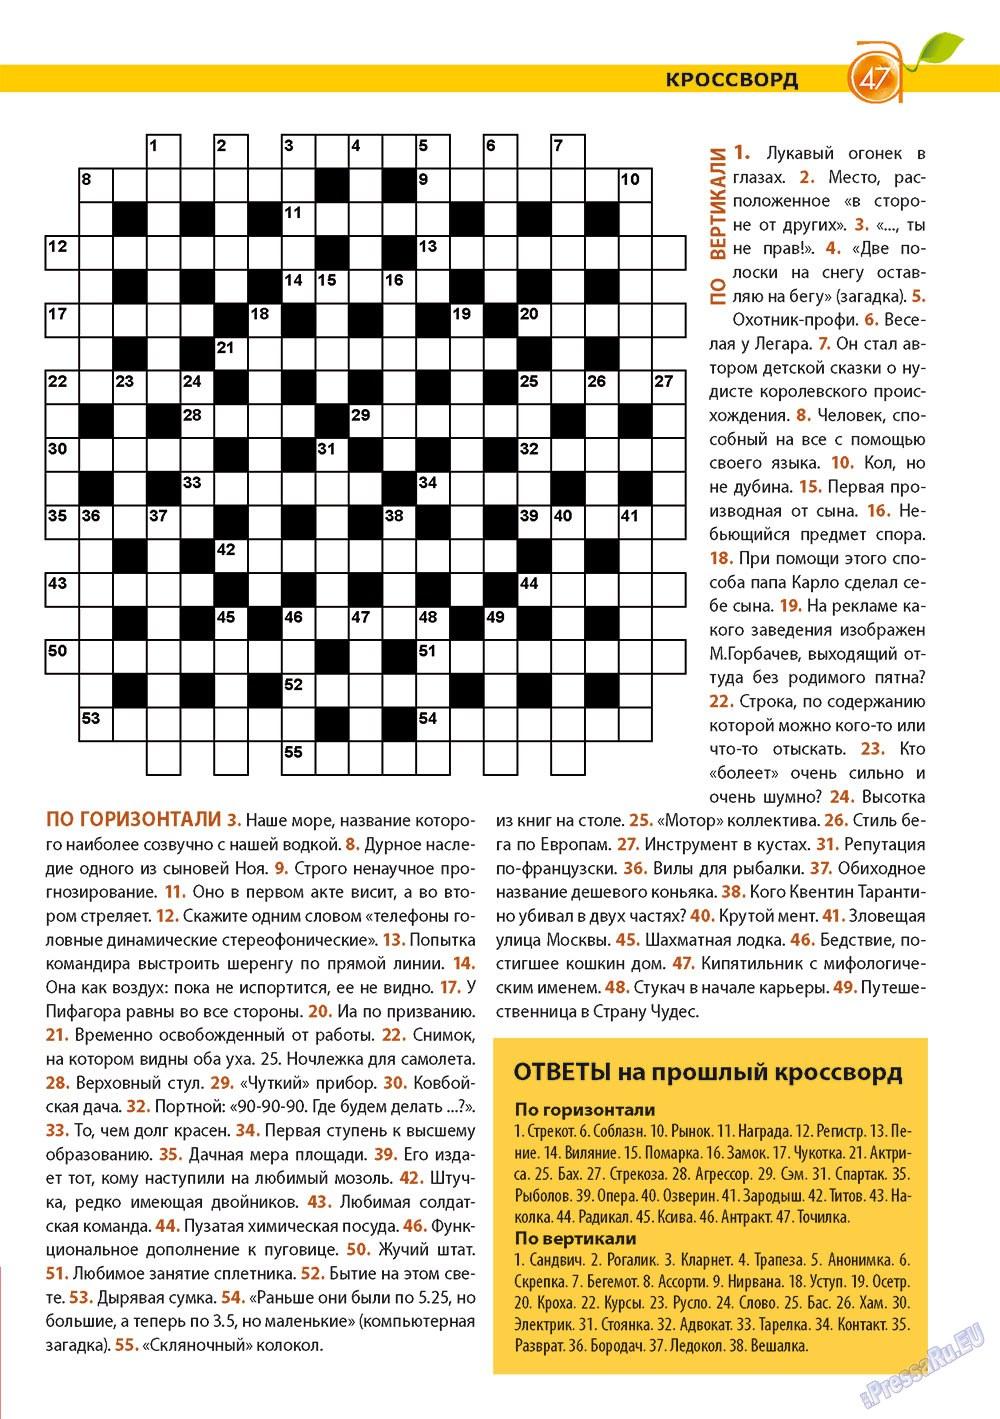 Апельсин (журнал). 2012 год, номер 32, стр. 47